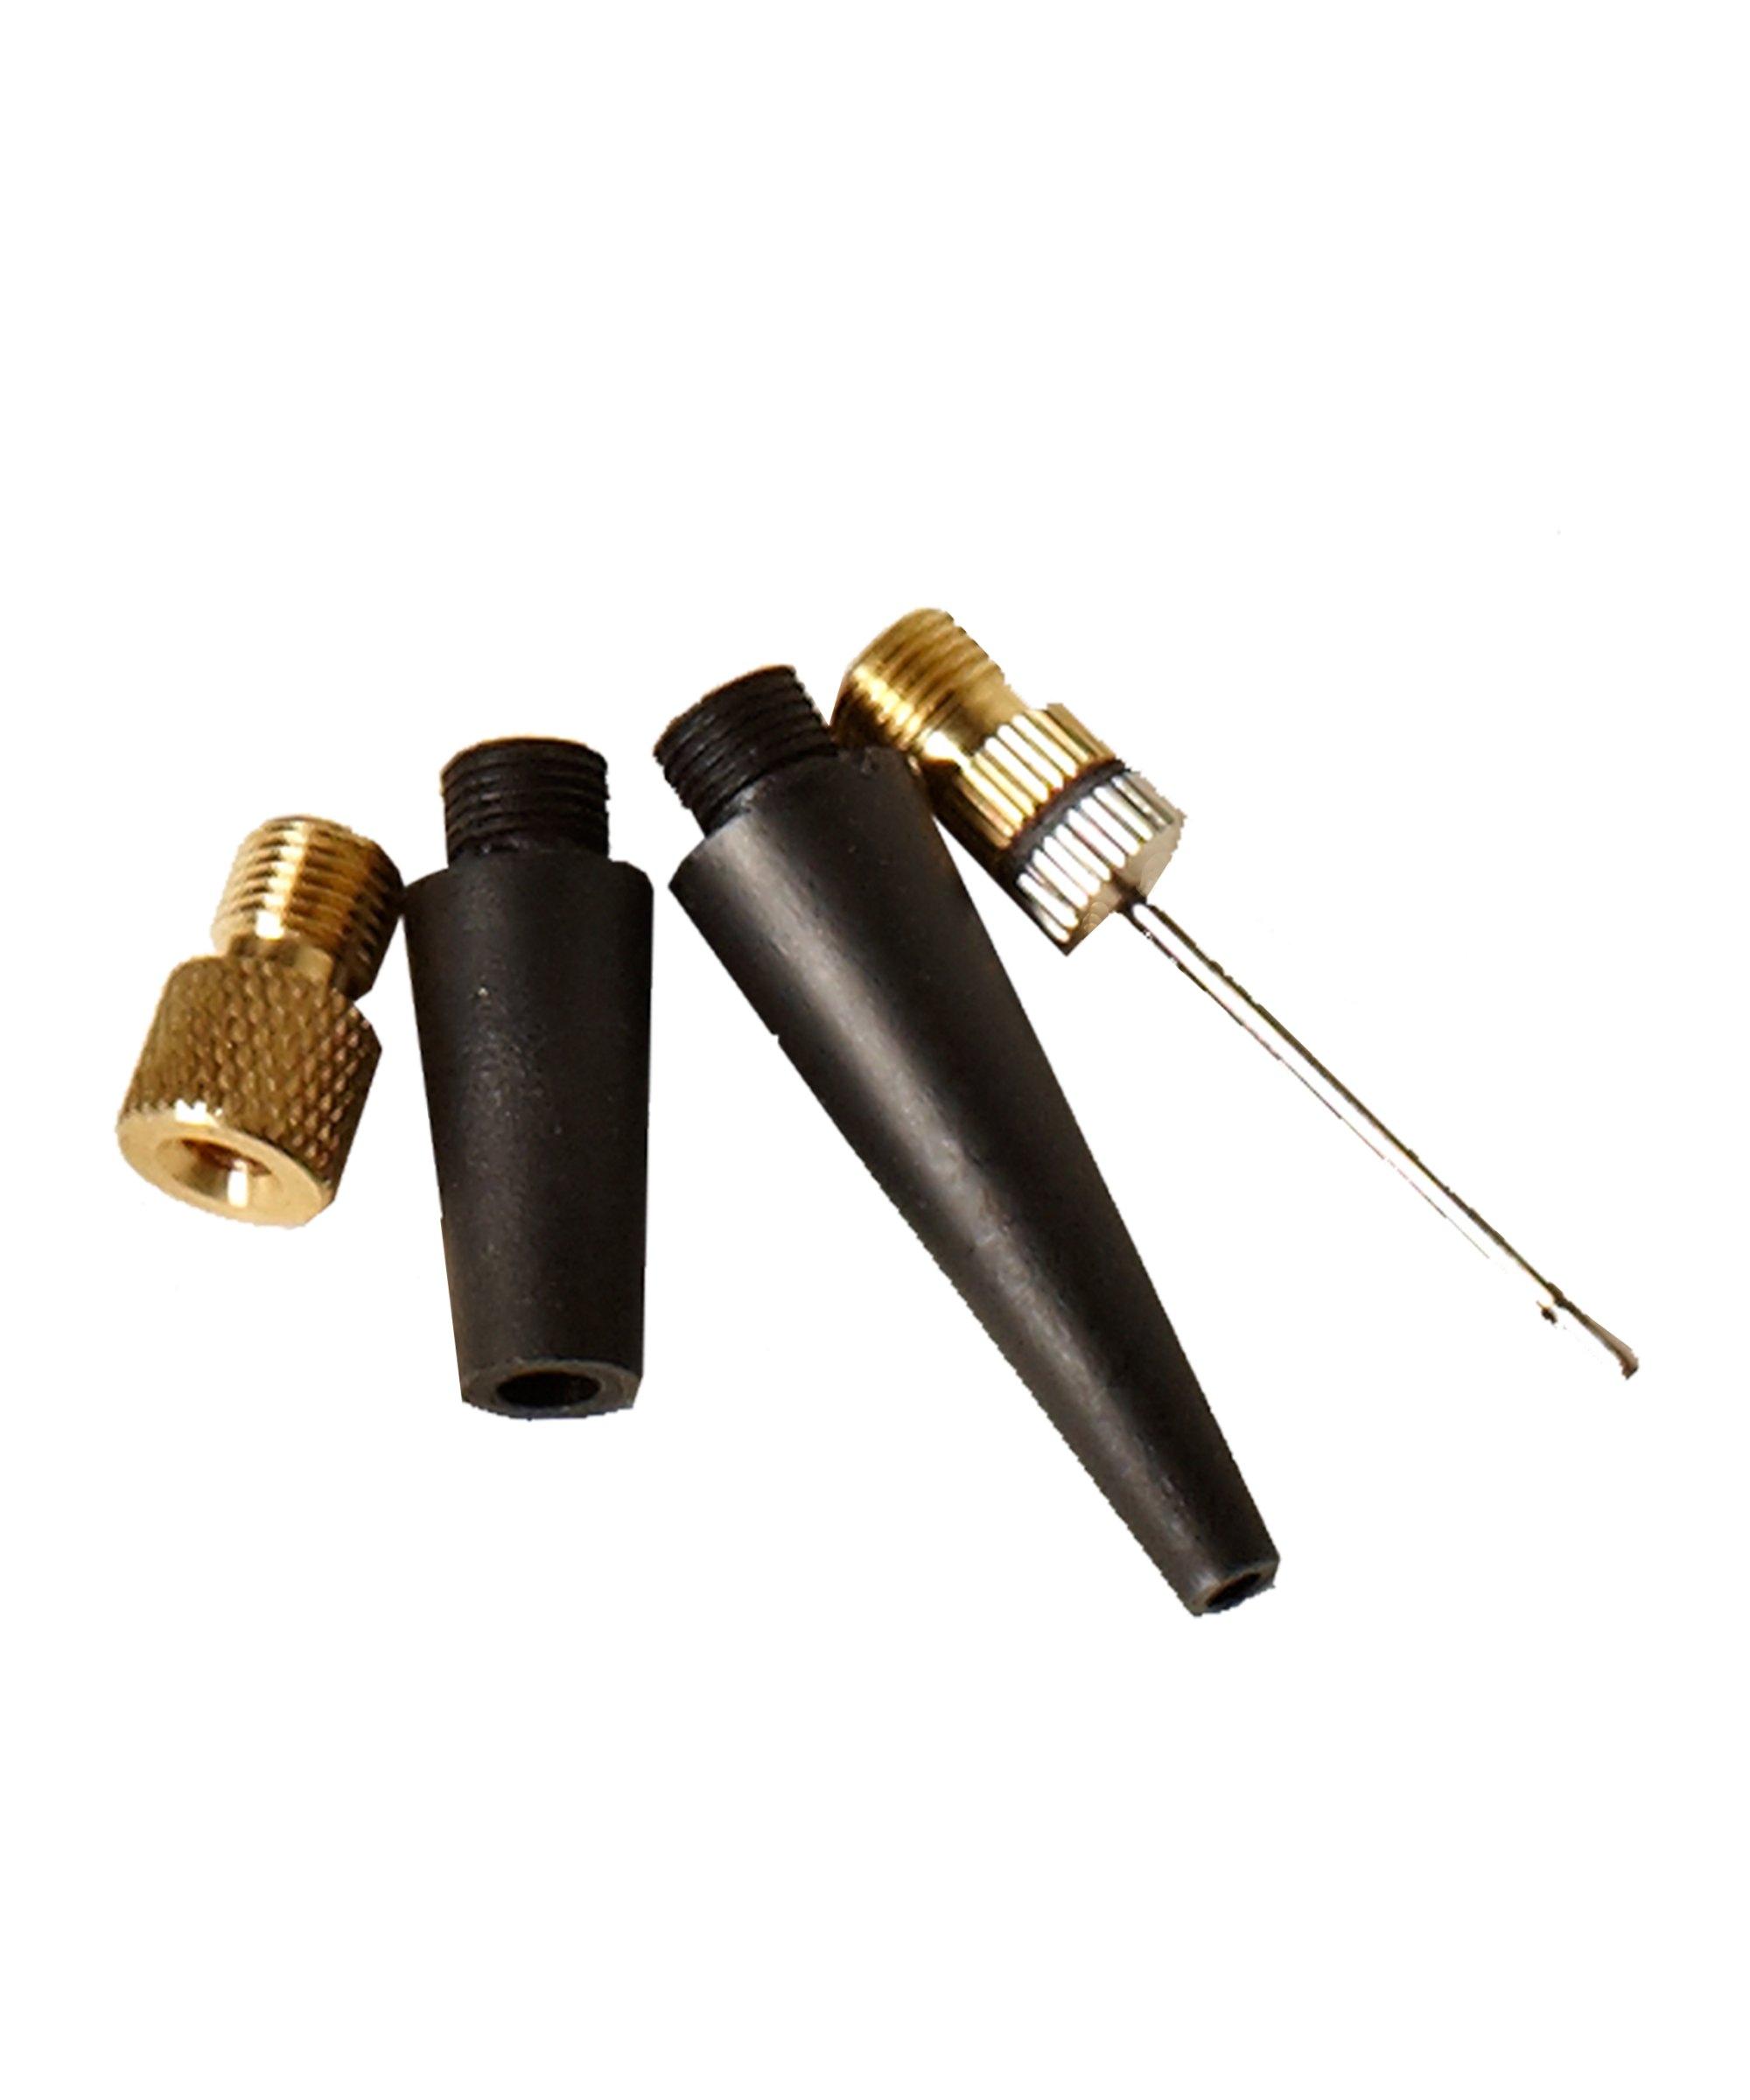 Cawila Ersatzventilset für elektr. Ballpumpe - schwarz